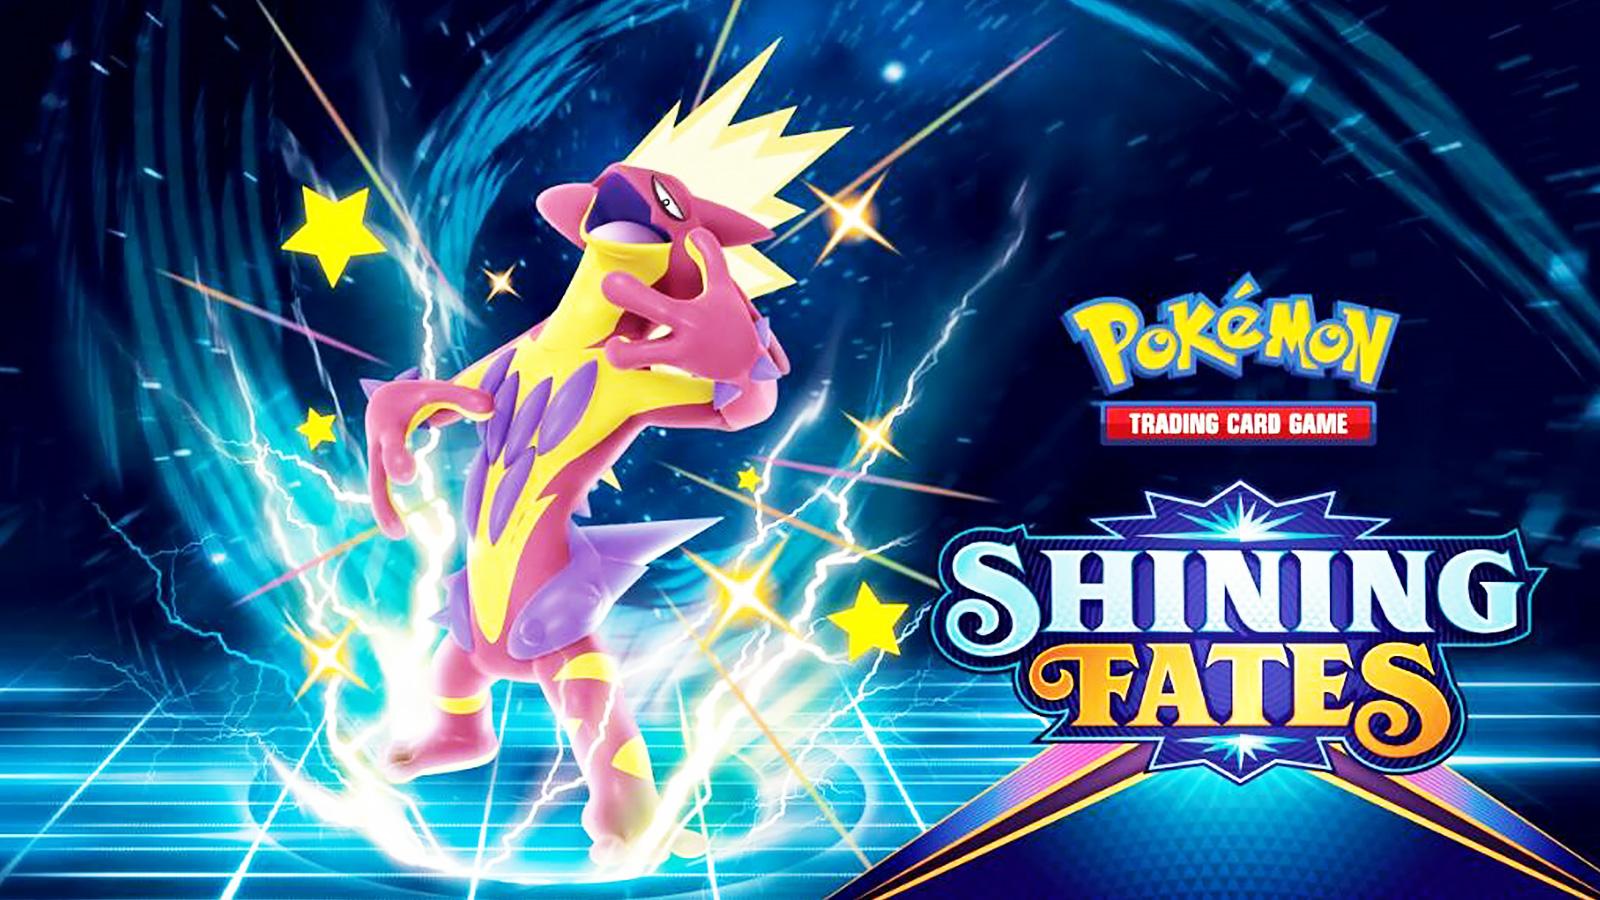 Screenshot of Pokemon Trading Card Game set Shining Fates.